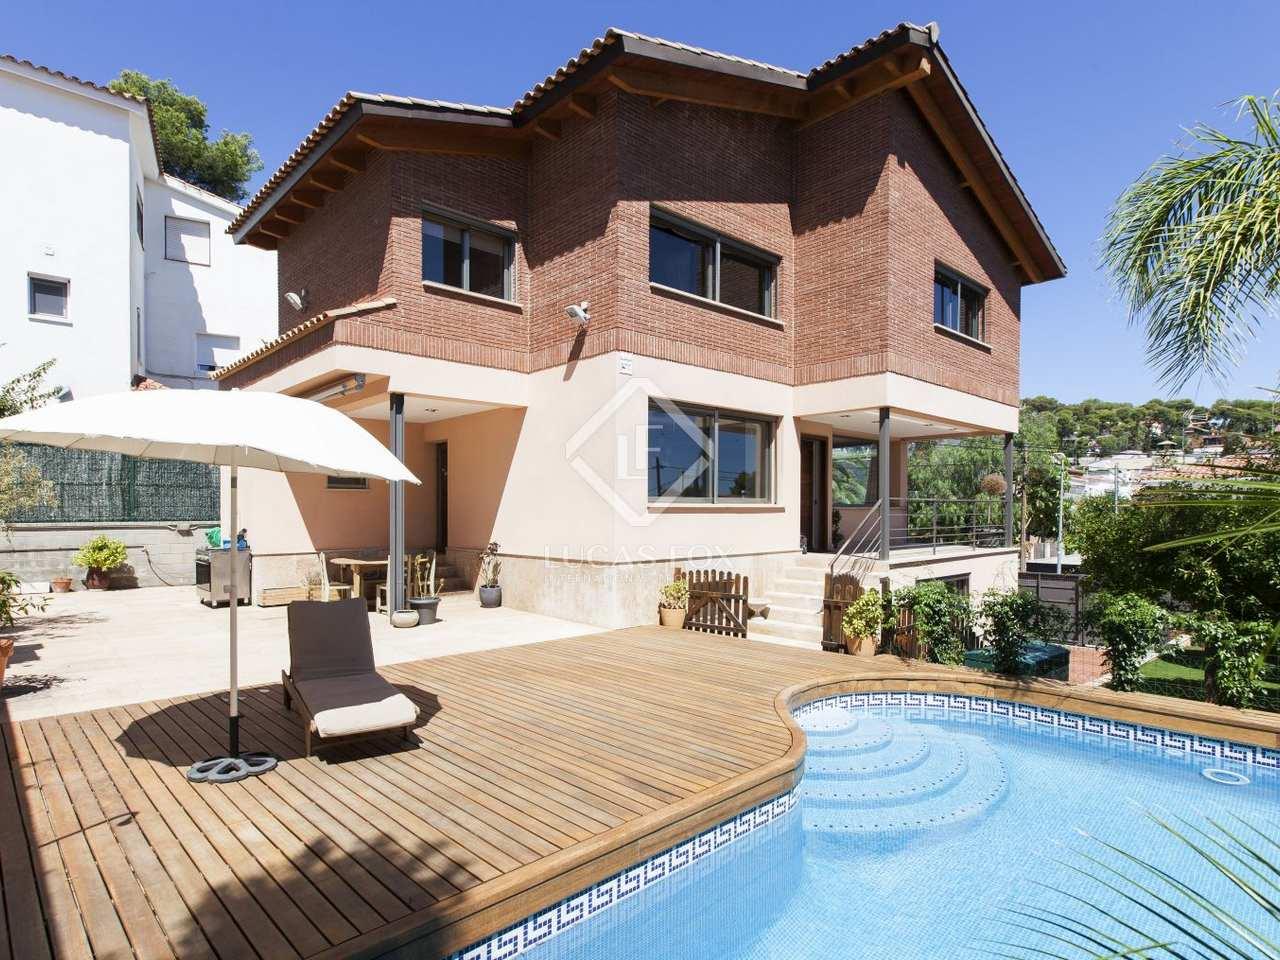 Villa con jard n y piscina en alquiler en castelldefels for Alquiler casa con jardin barcelona